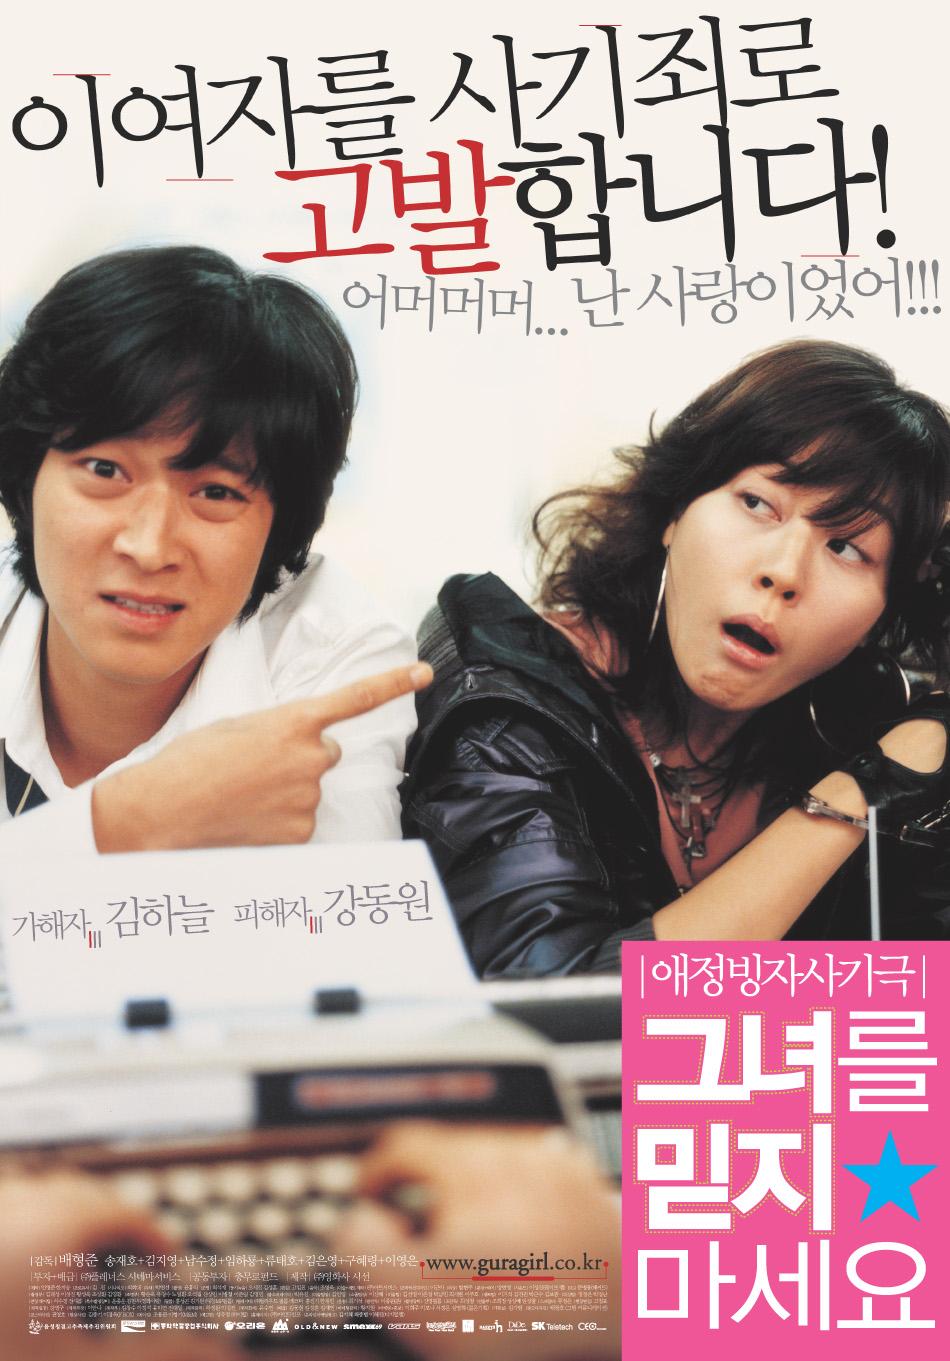 Người đẹp nói dối - Too Beautiful to Lie (2004)